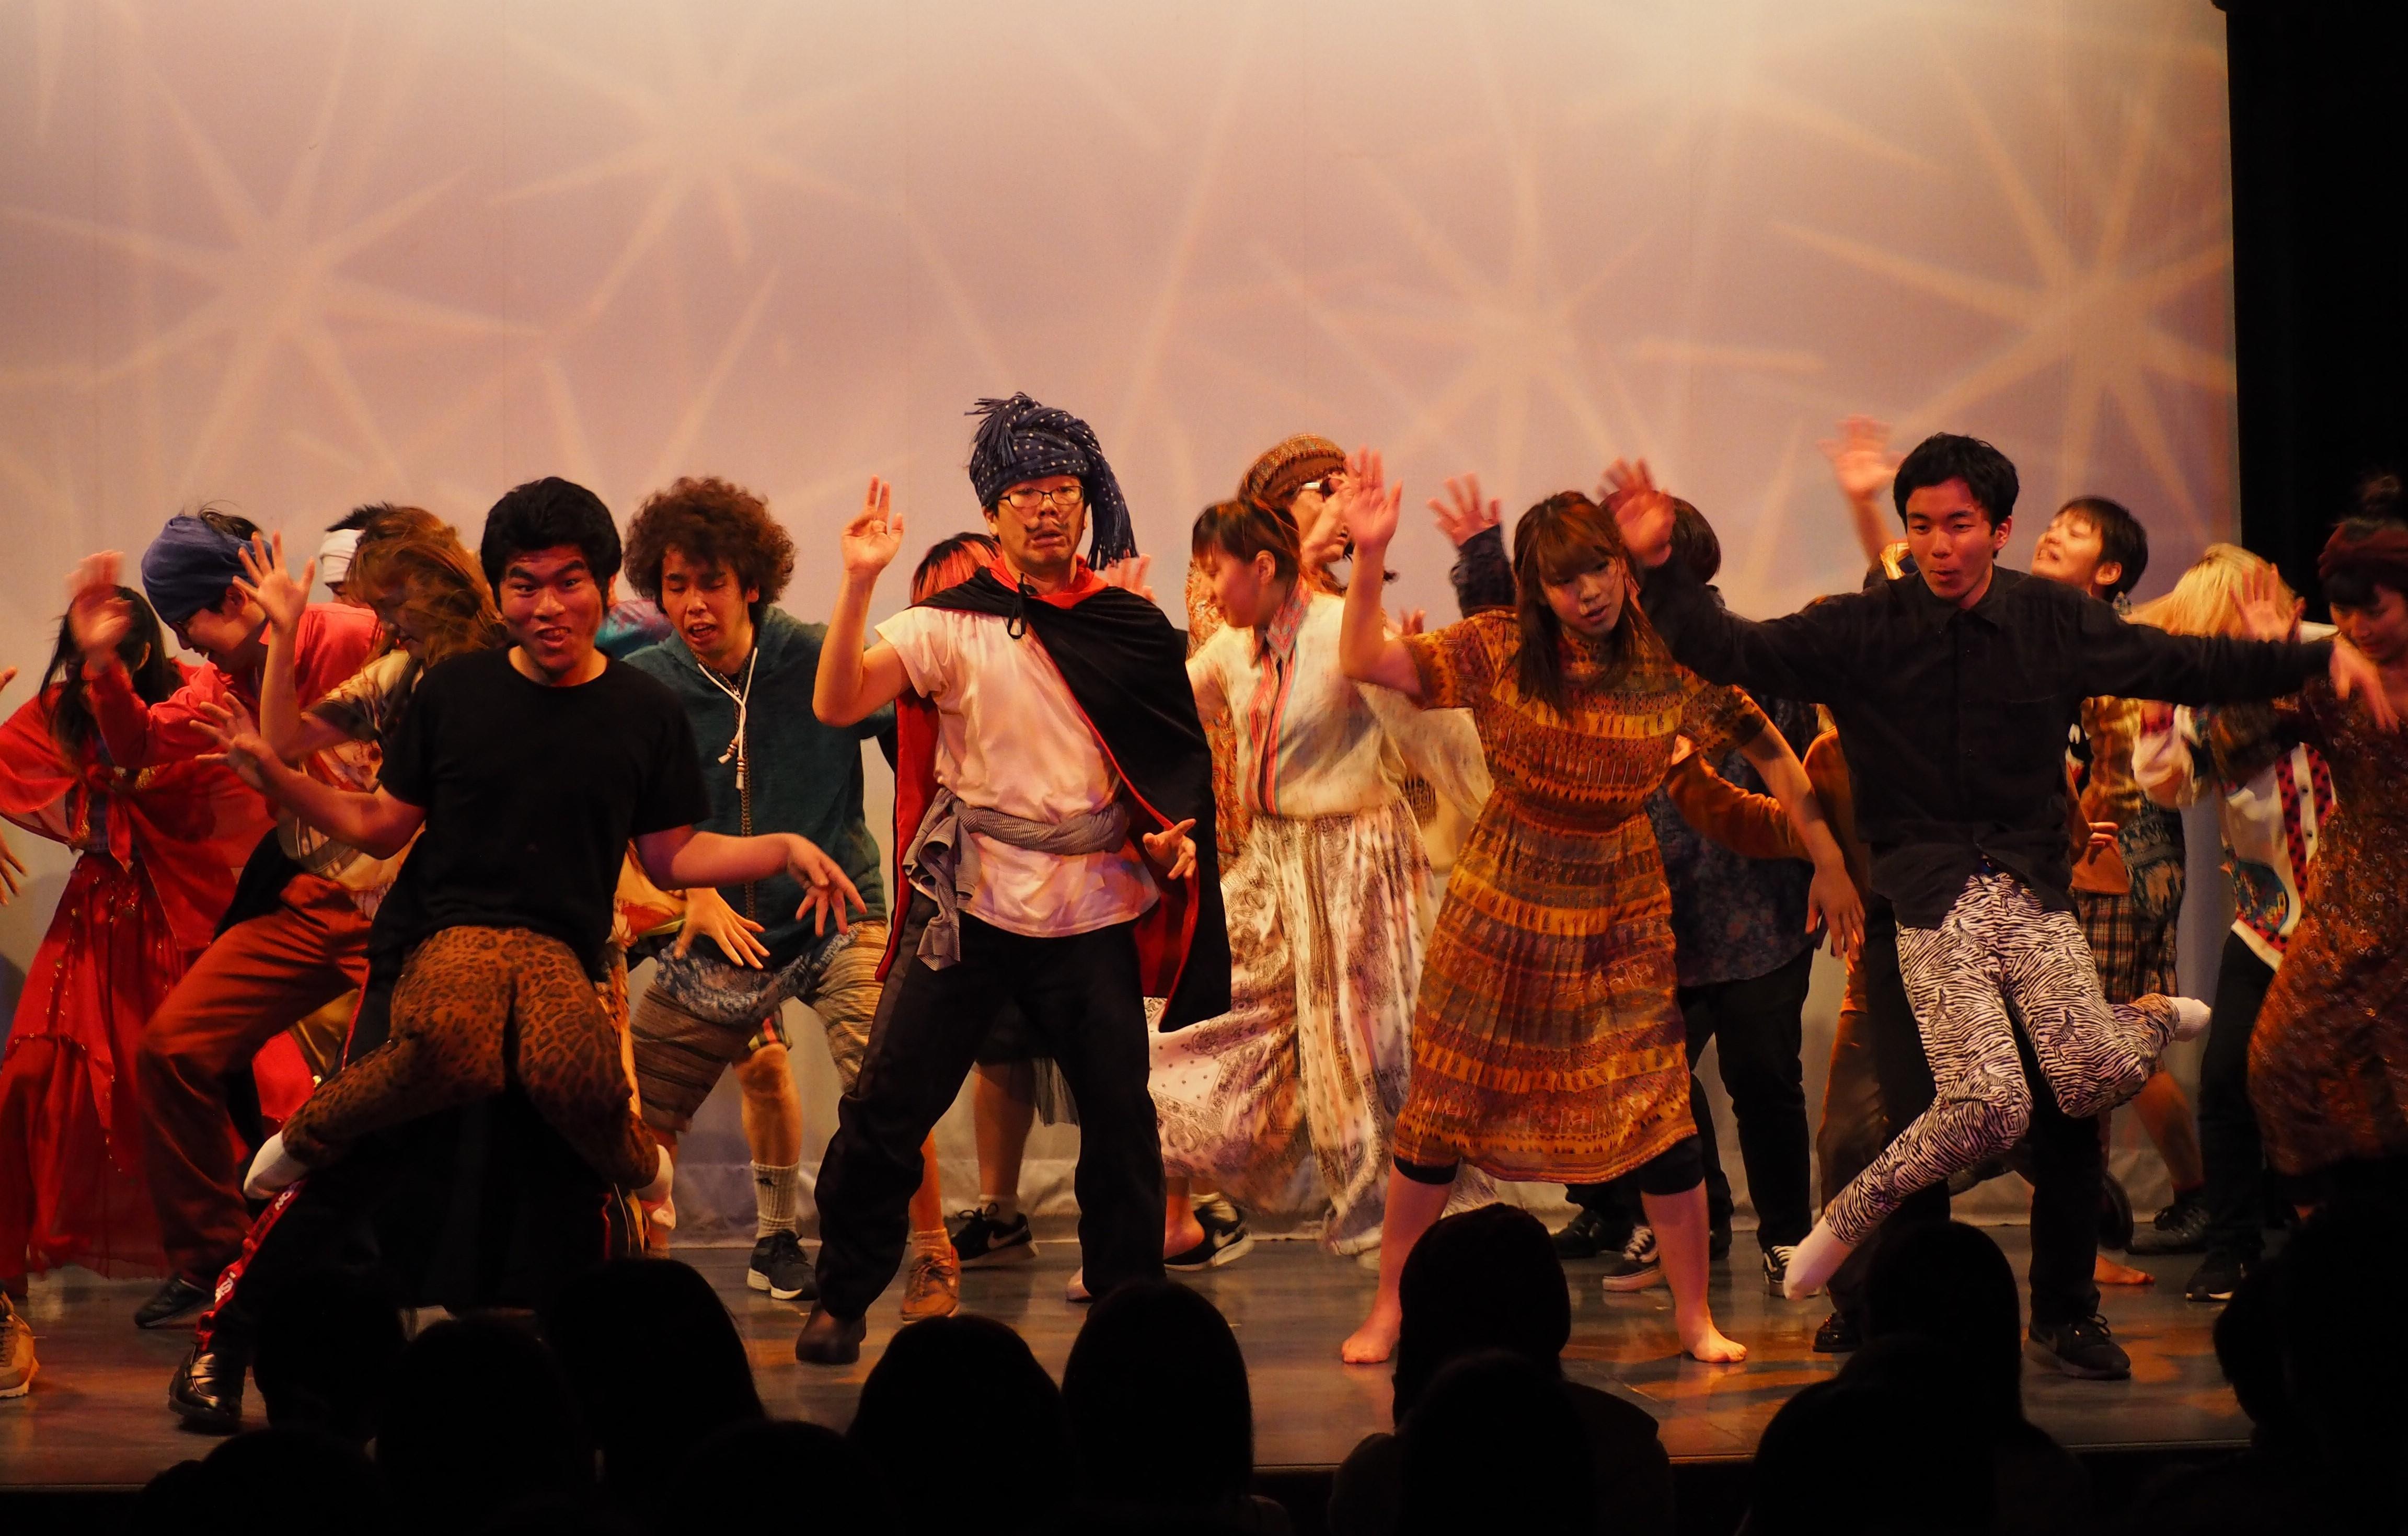 http://news.yoshimoto.co.jp/20180330200416-99ad336a667e958dc3a3ede60a83a1e195552d14.jpg